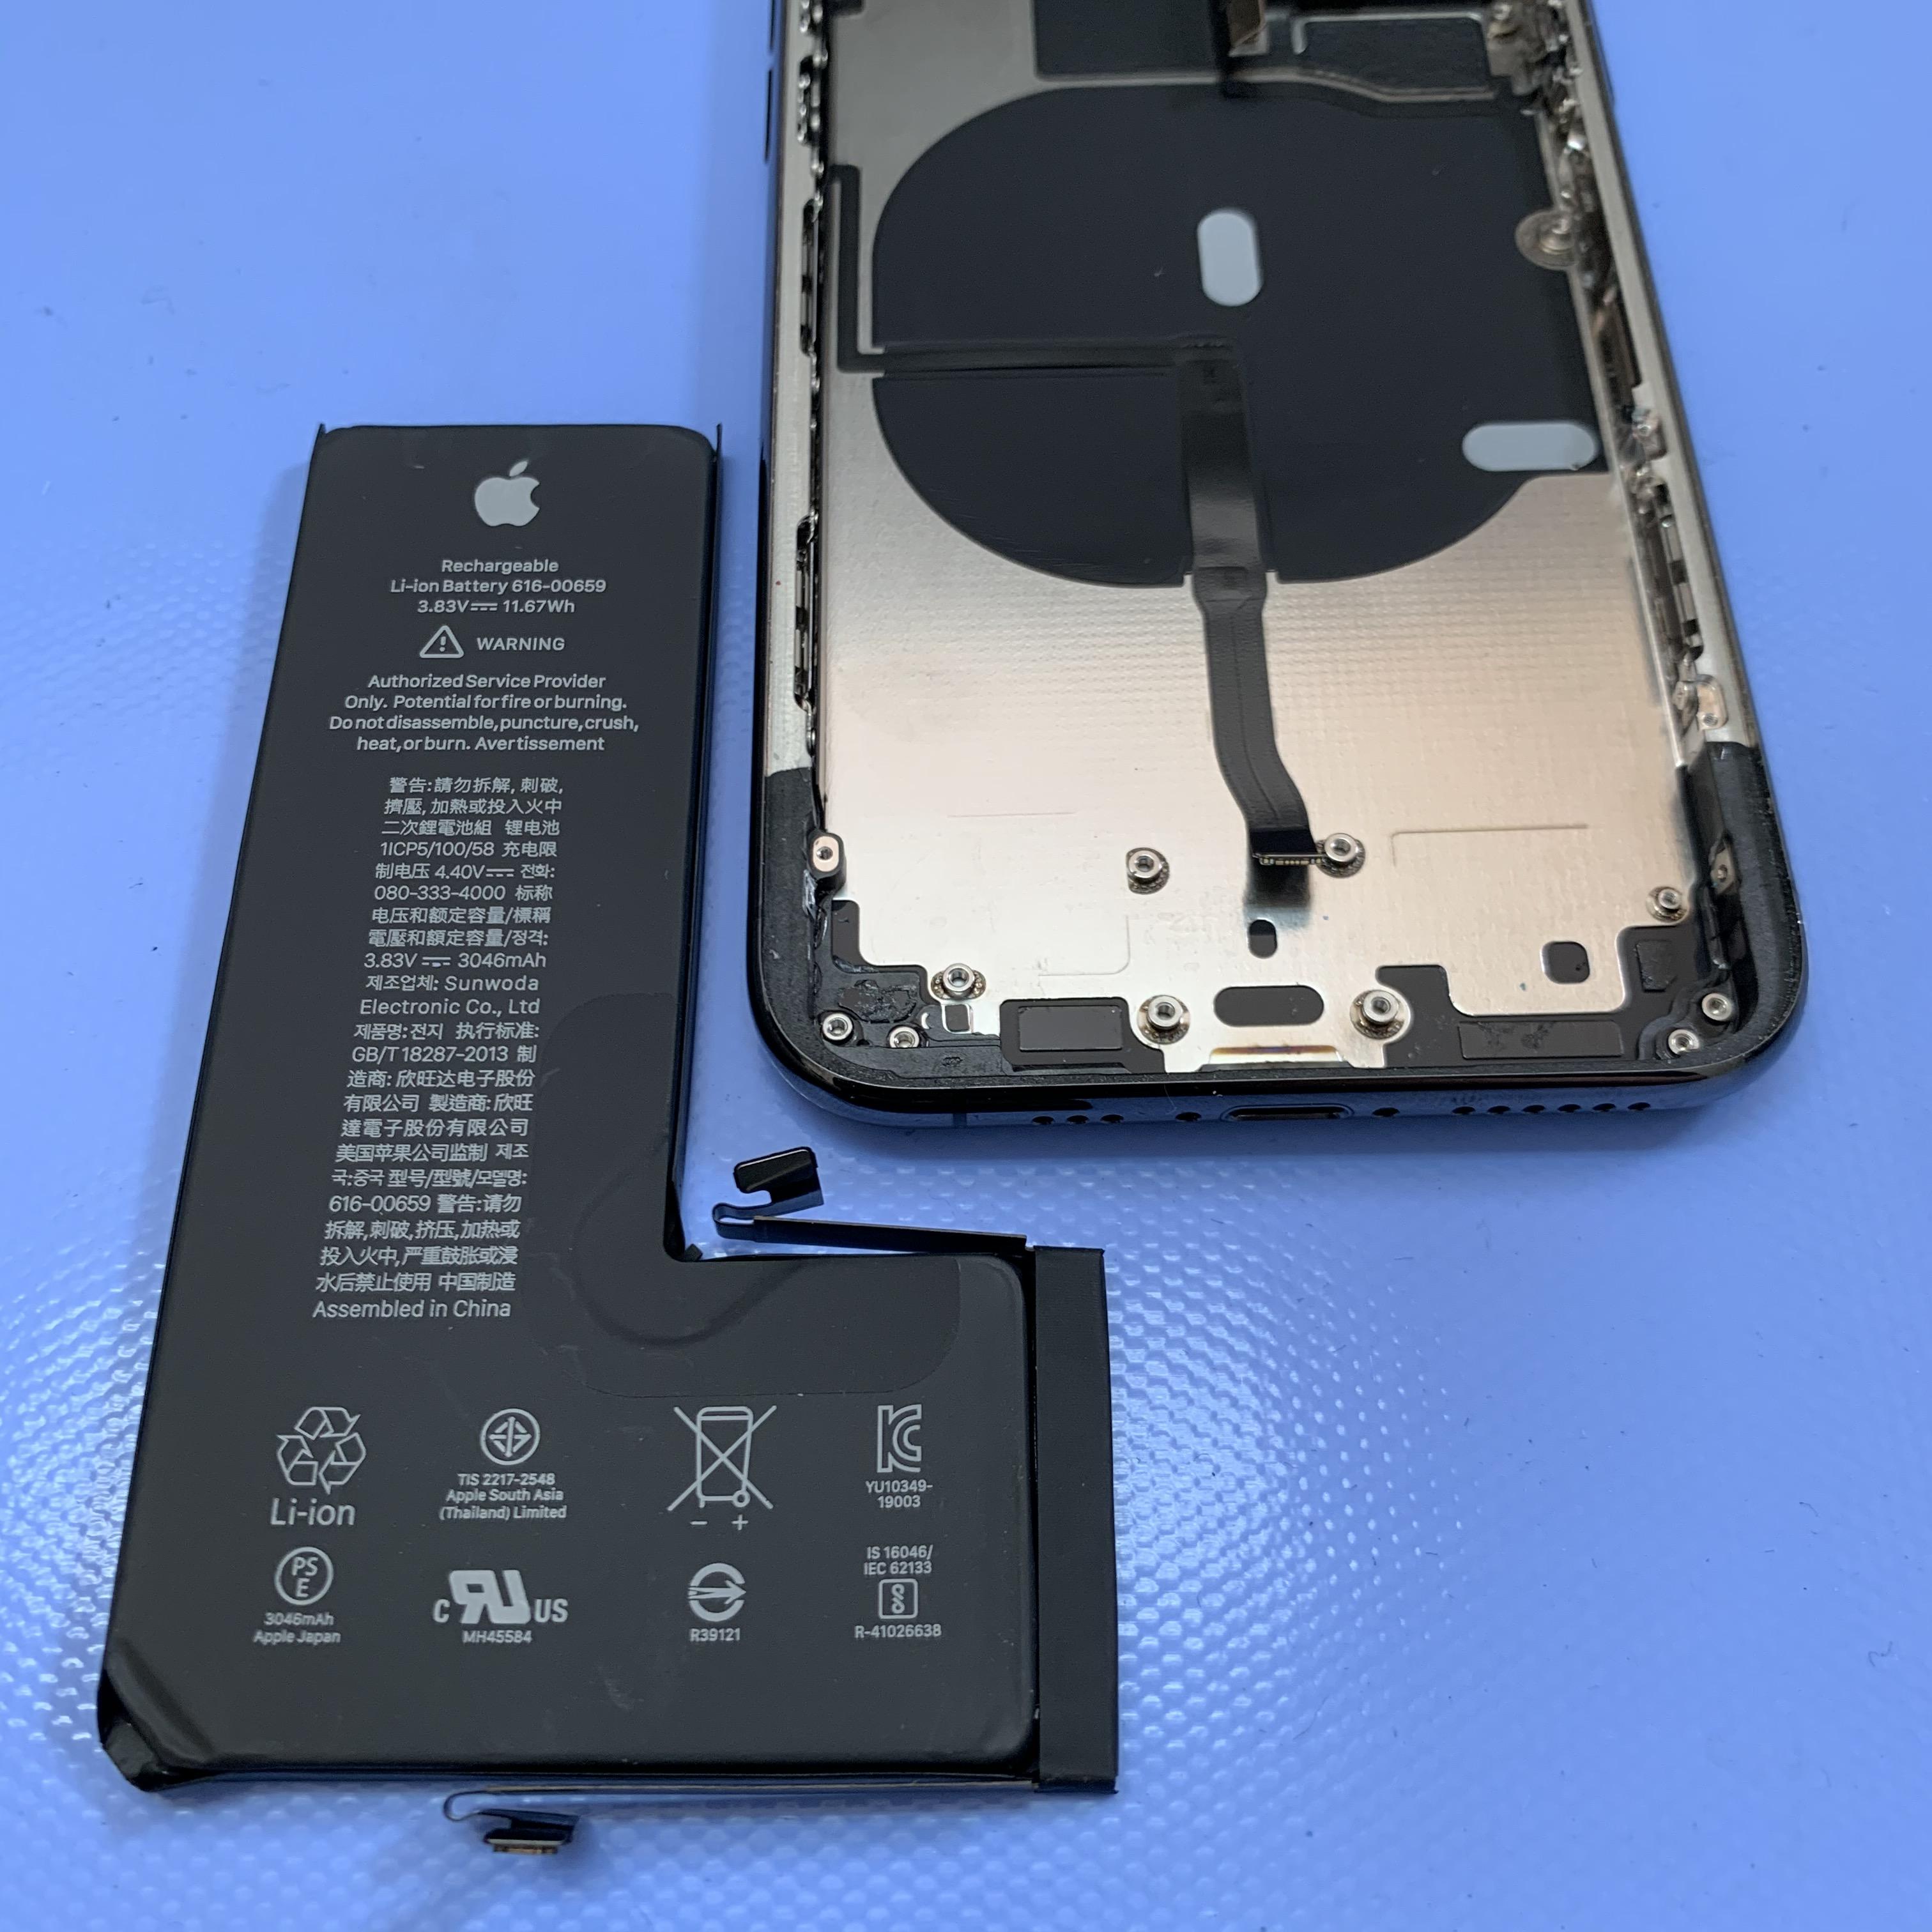 iPhone11Proのバッテリーを外す